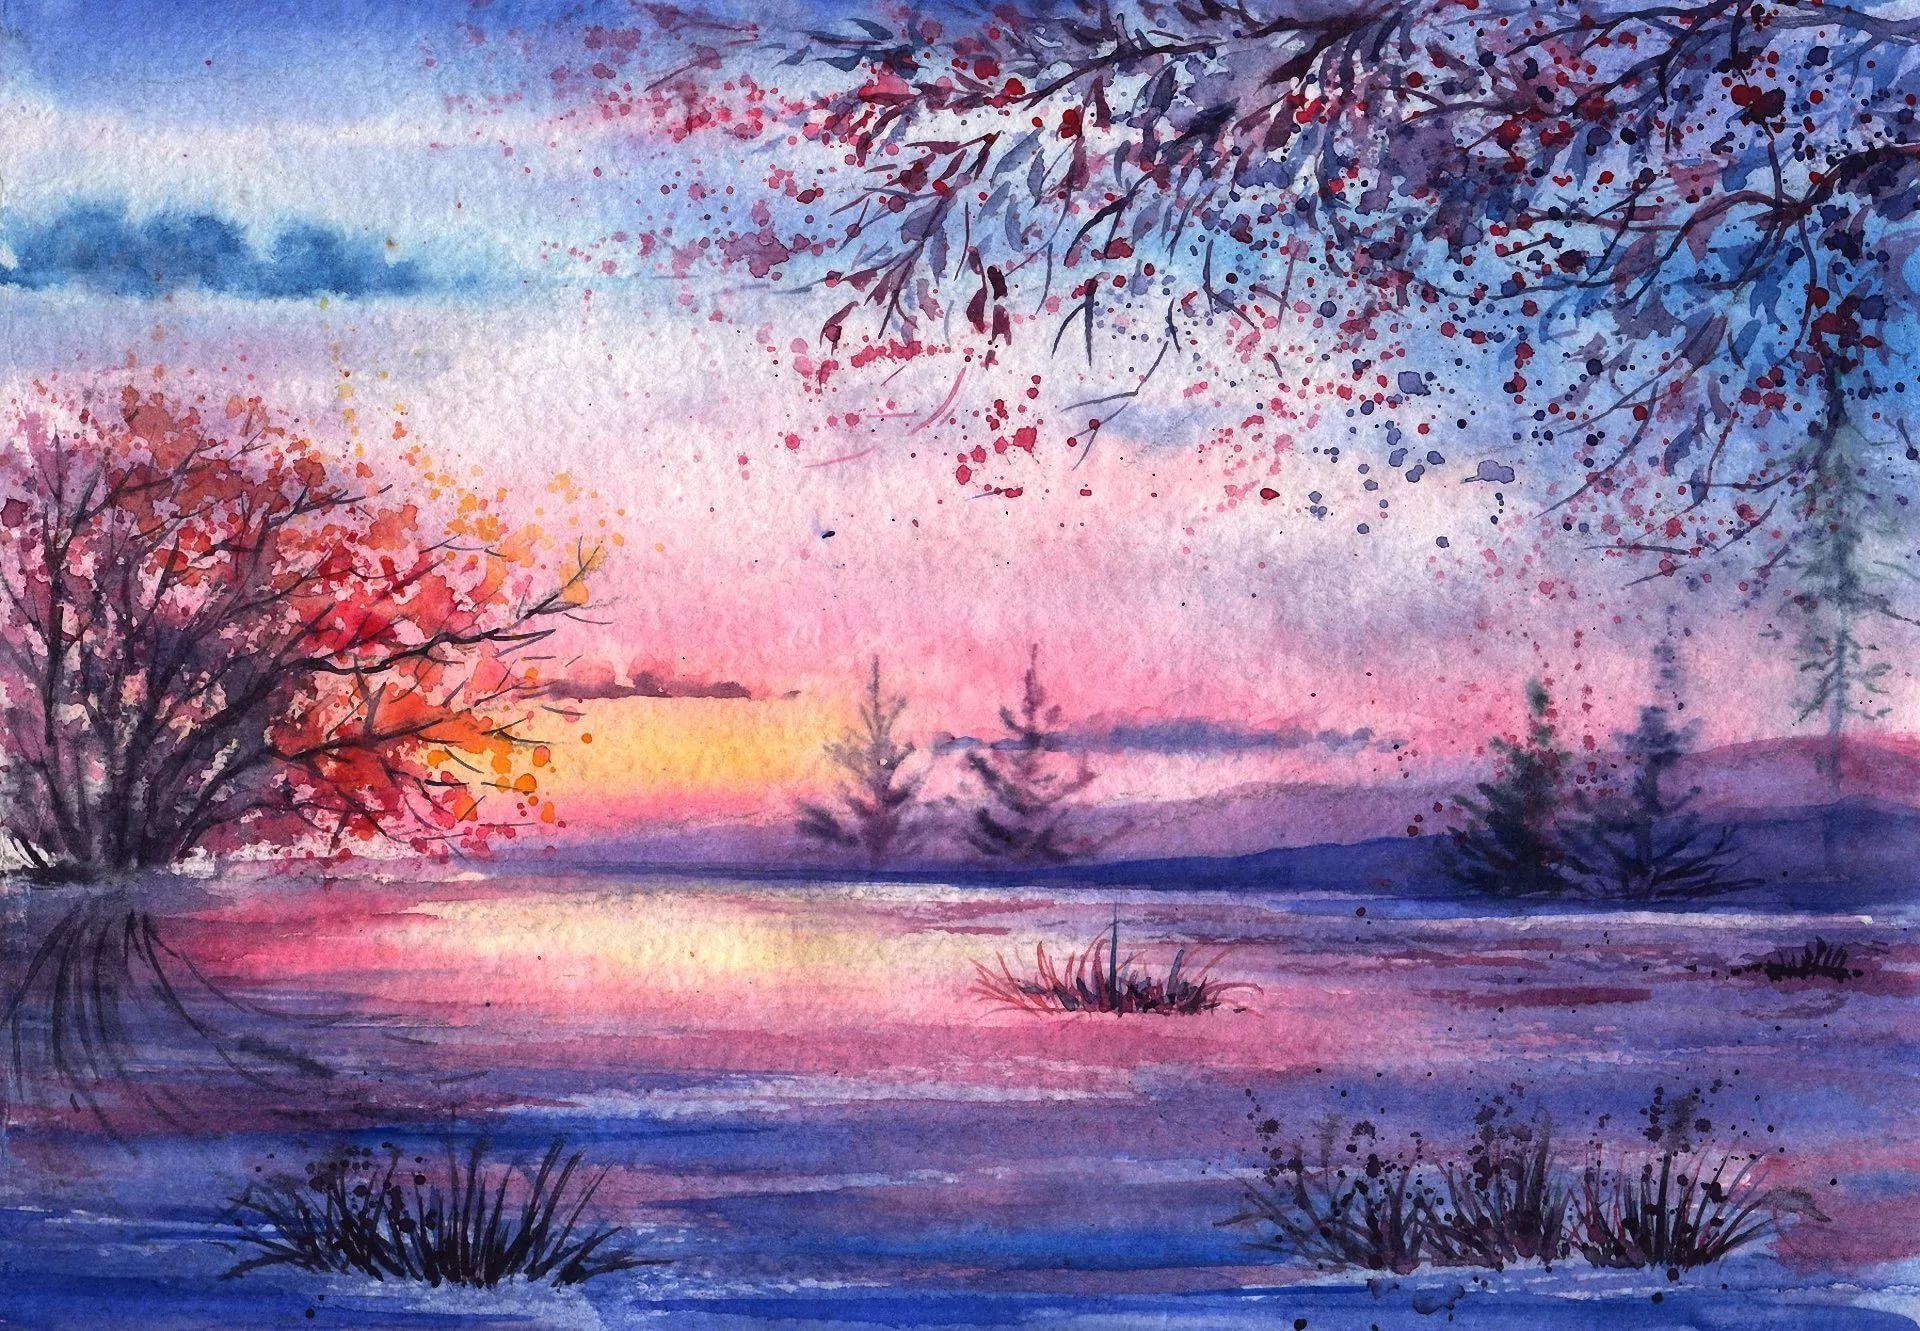 Красивые пейзажи картинки нарисованные